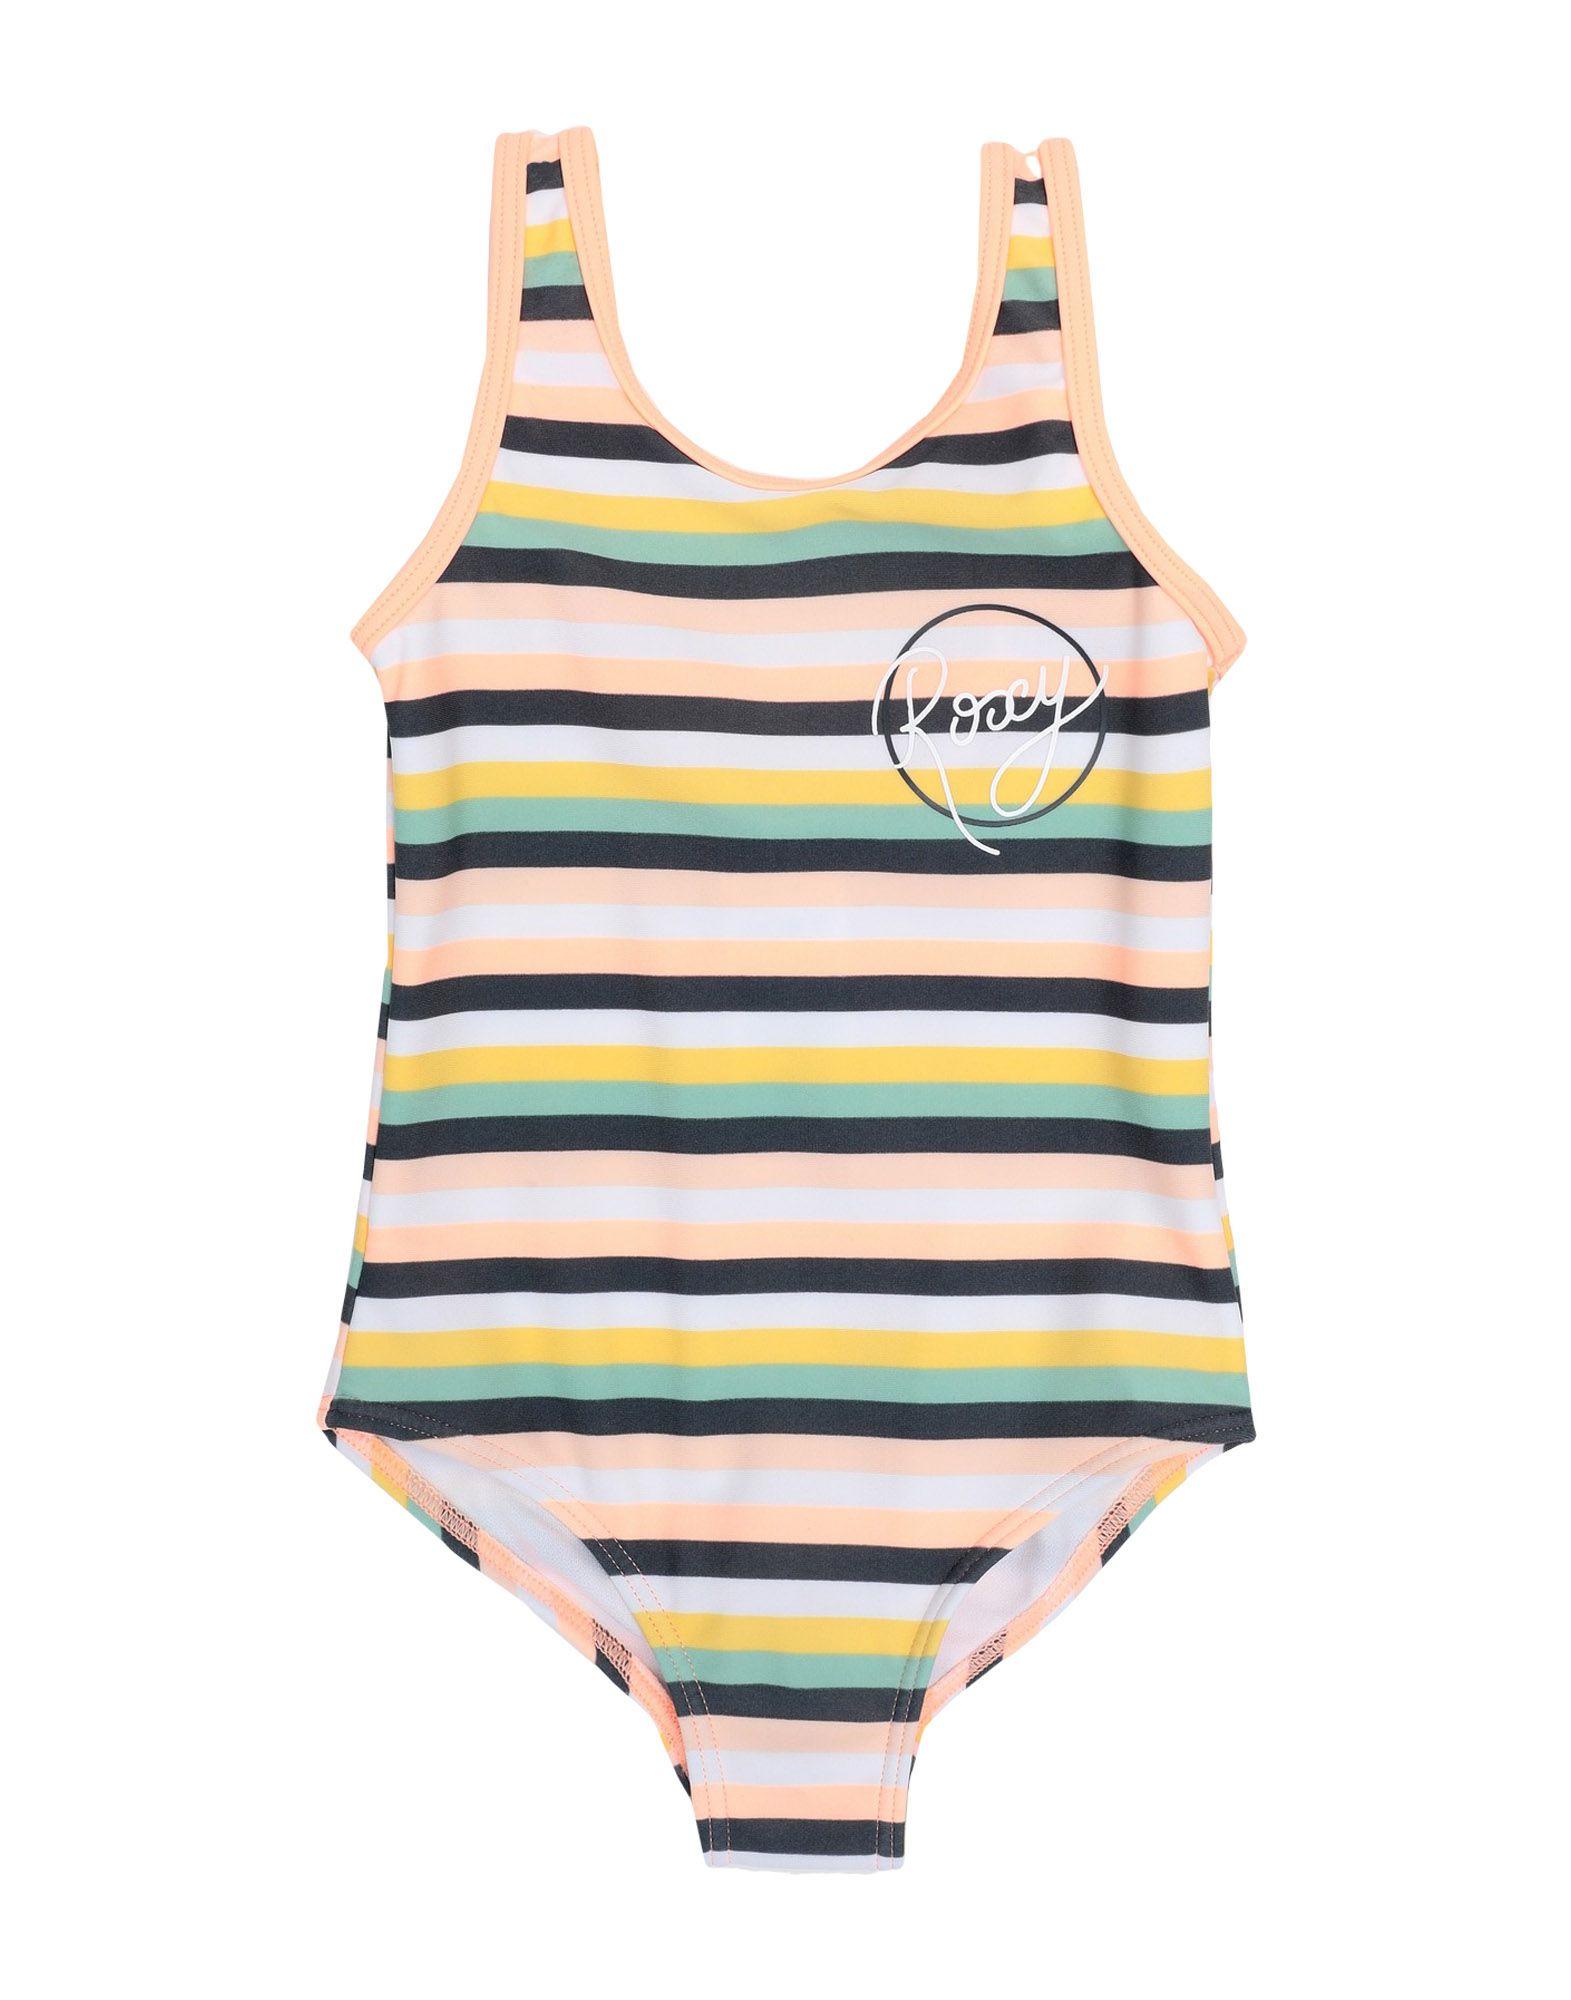 540fd626f0 Vêtements pour enfants Roxy Fille 3-8 ans sur YOOX